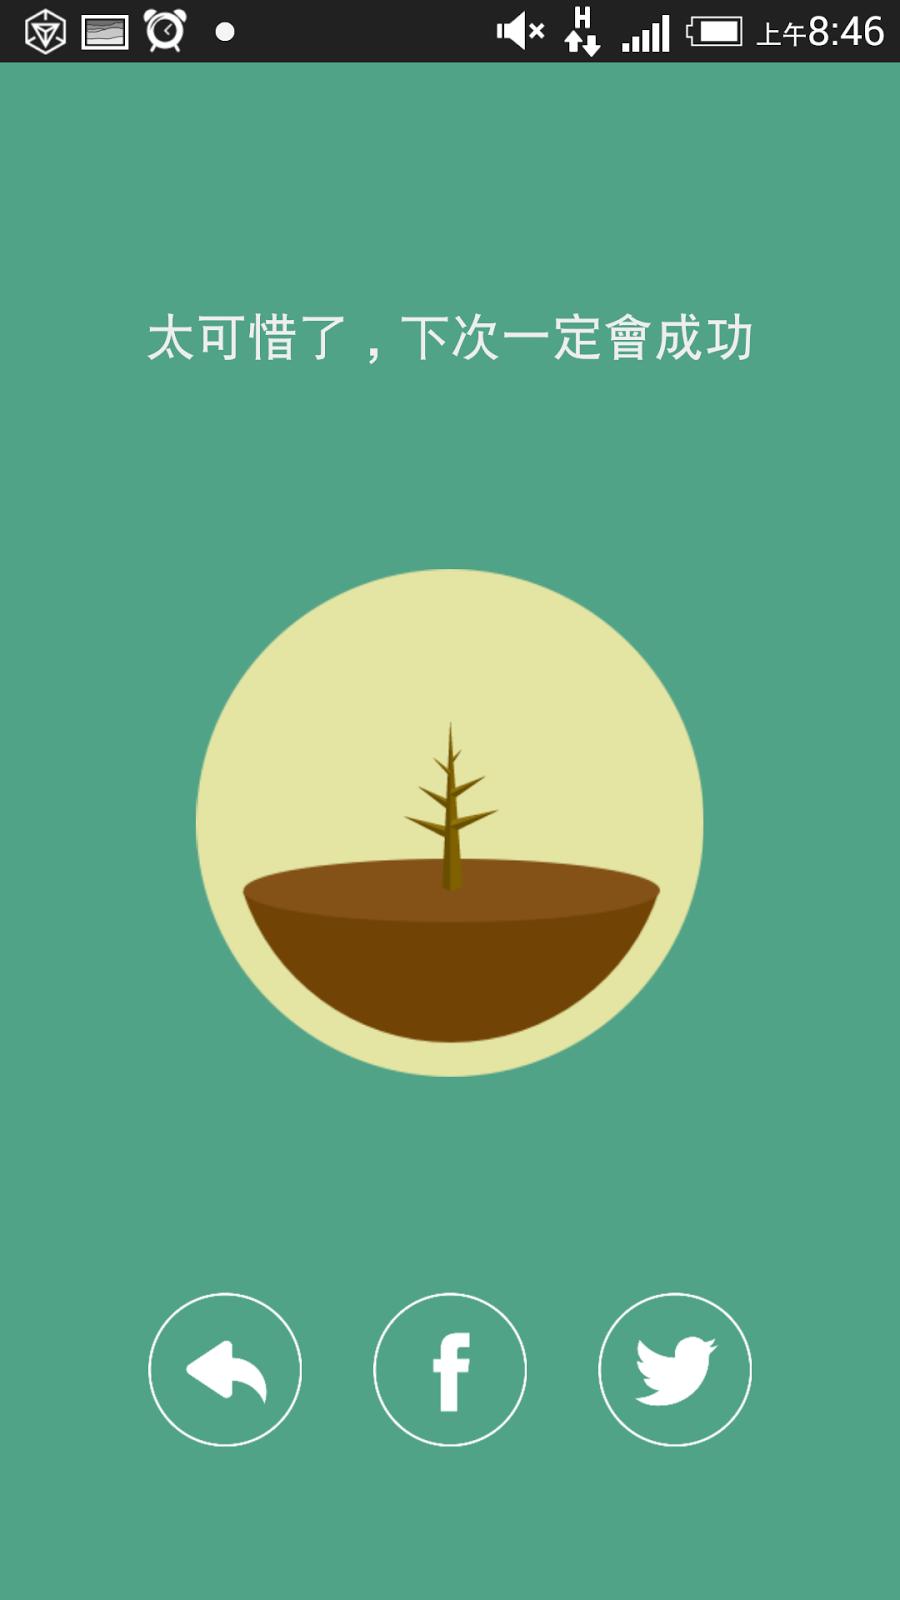 Forest 用專注力養育一片森林,動人的時間管理 App Forest-07